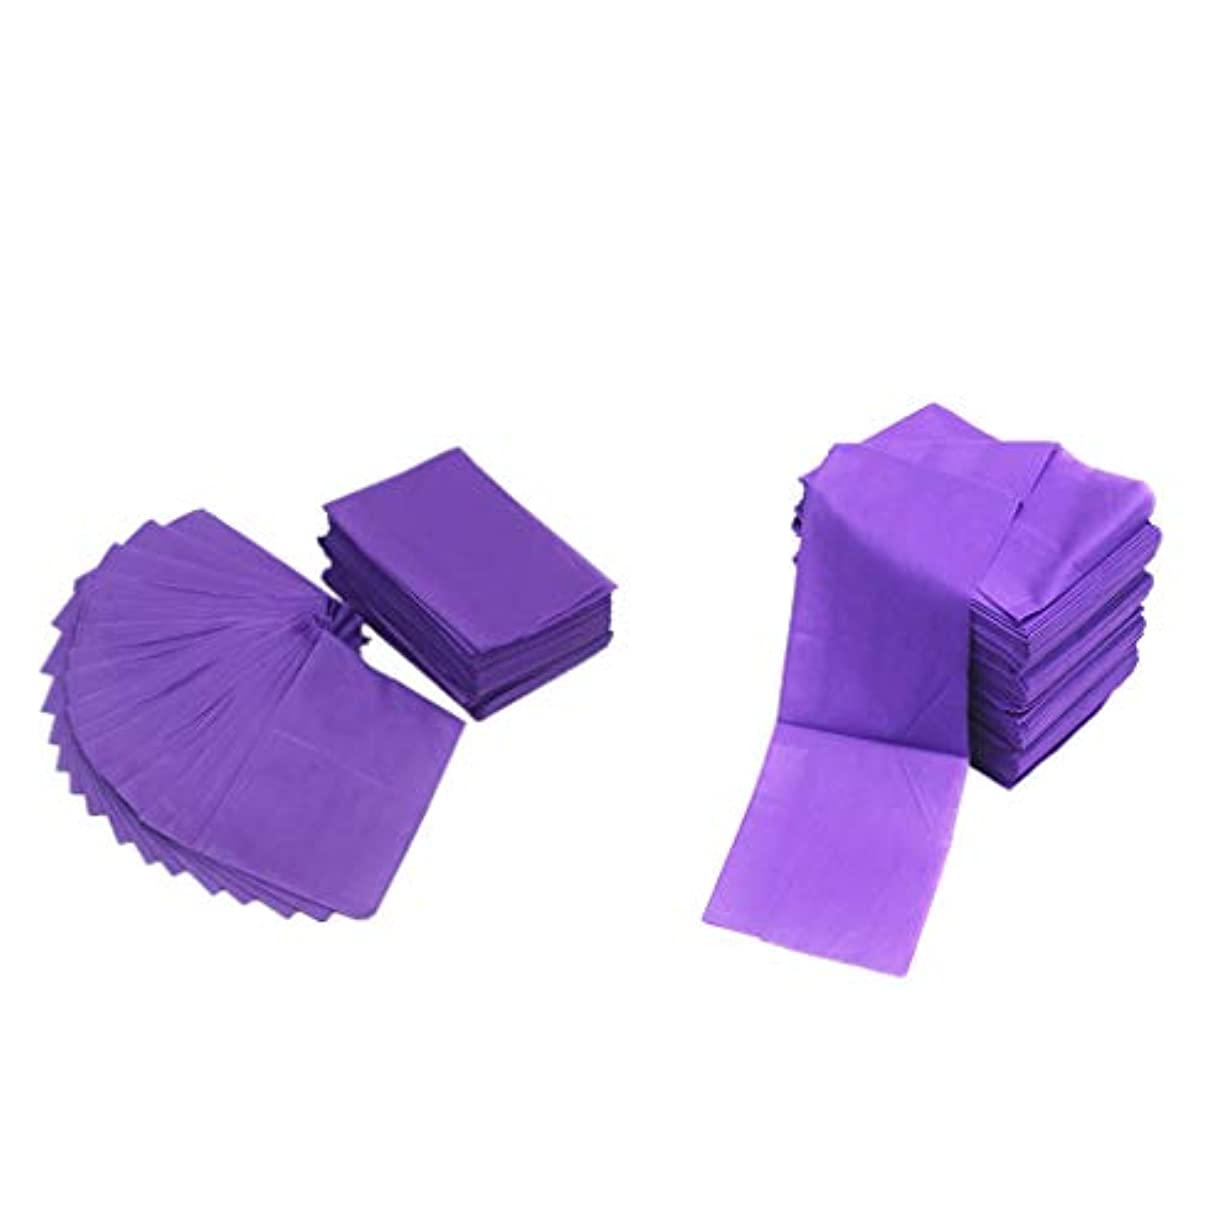 覚えているしっとり企業20ピースセット ベッドシーツ 使い捨て ベットシート 厚さ ビューティーサロン マッサージサロン